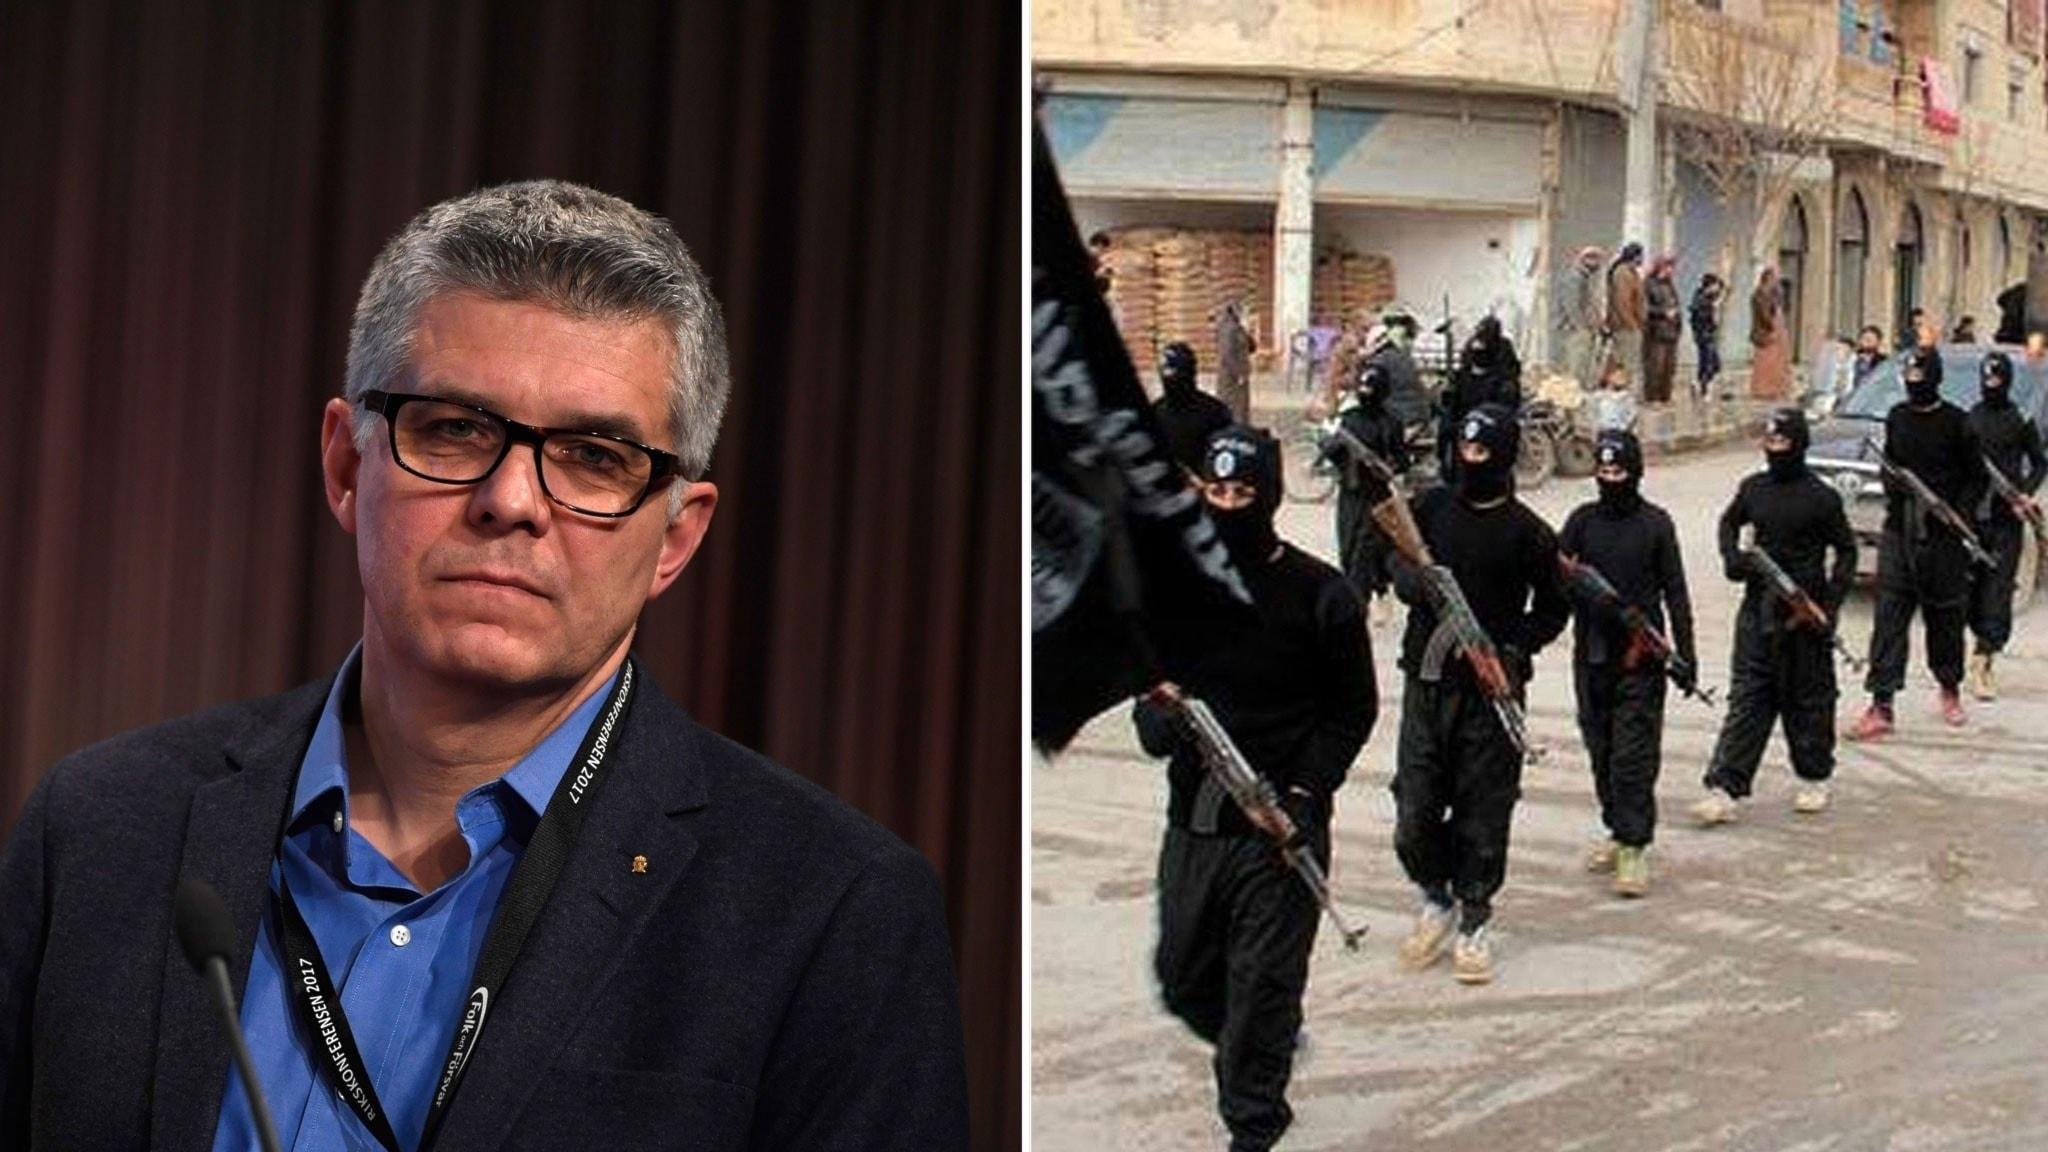 Anders Thornberg, generaldirektör och chef Säkerhetspolisen. Medlemmar till terrorgruppen IS går på en gata.